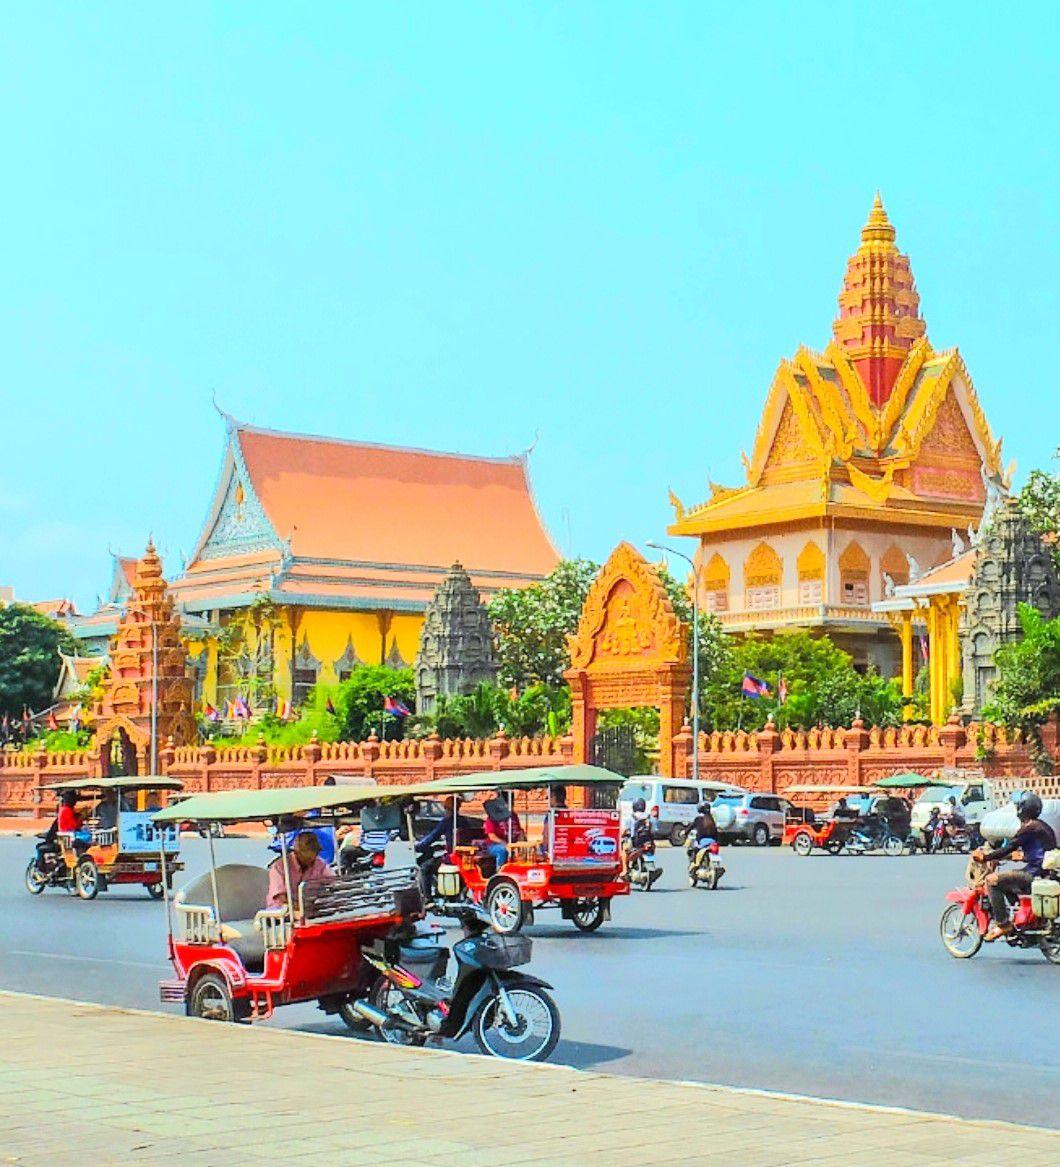 去柬埔寨不想被骗,这些地方你千万别去,许多人上当